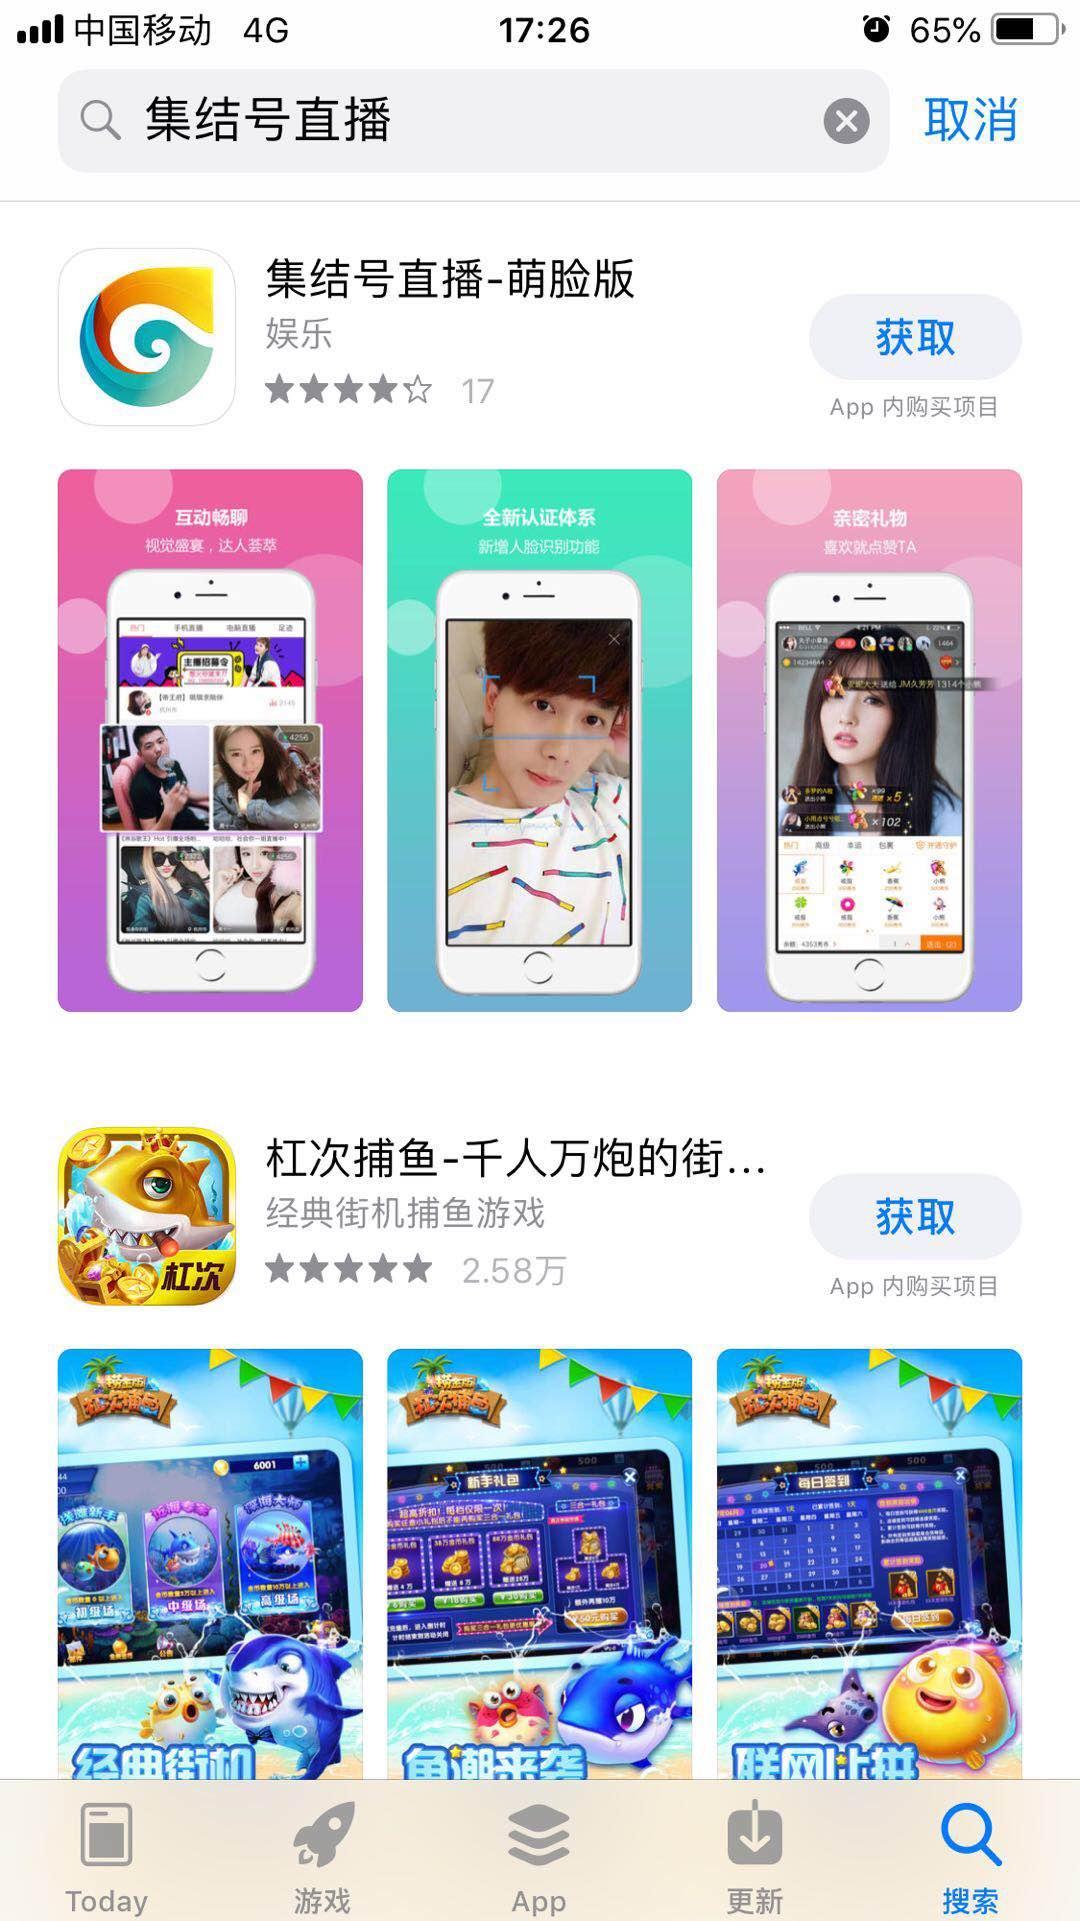 《集结号娱乐》App如何下载?